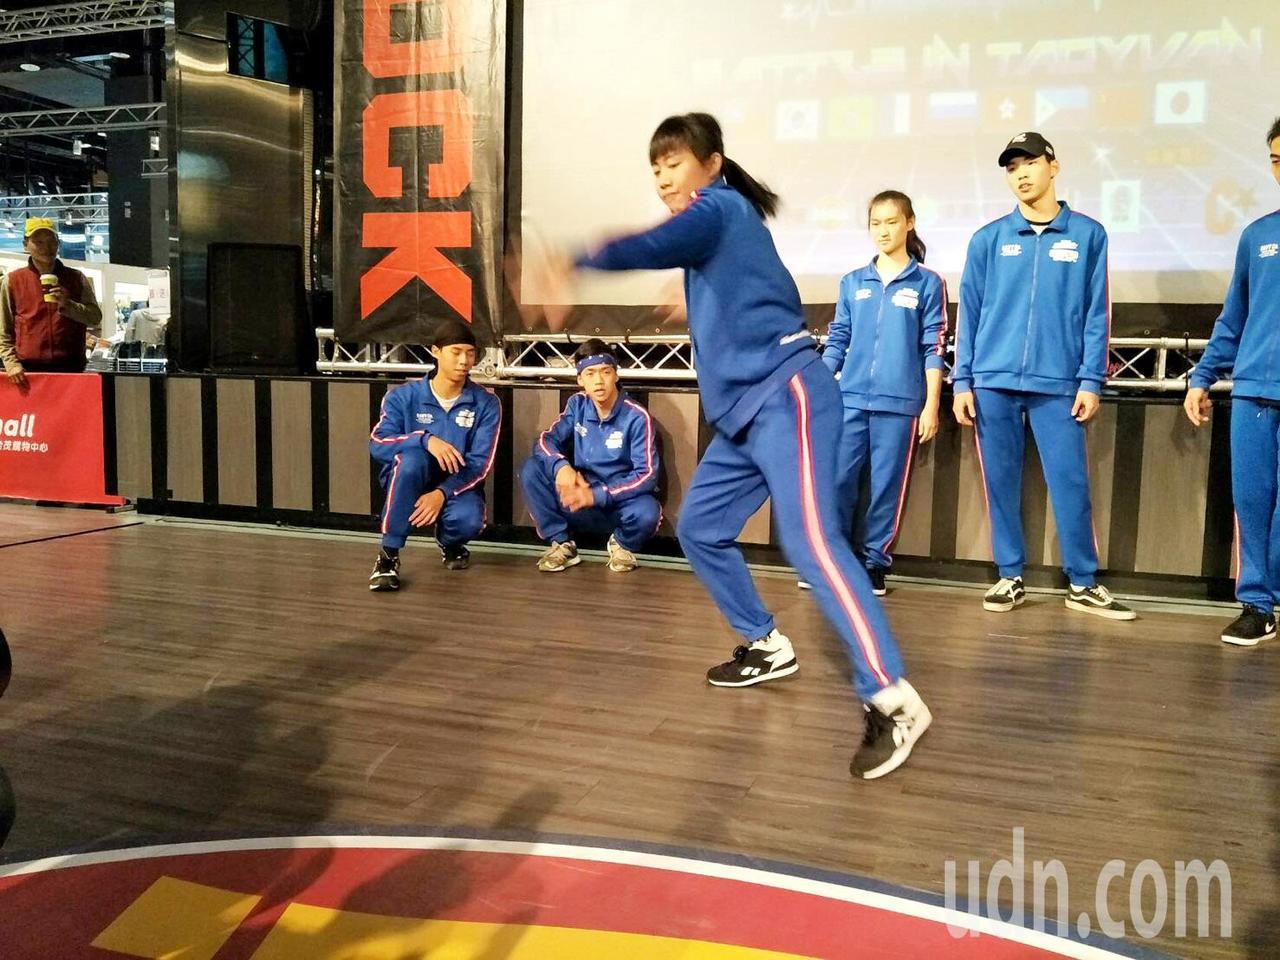 全台最大型BBOY國際街舞大賽展開,喜愛BBOY街舞的年輕學生也下場表演尬舞。記...